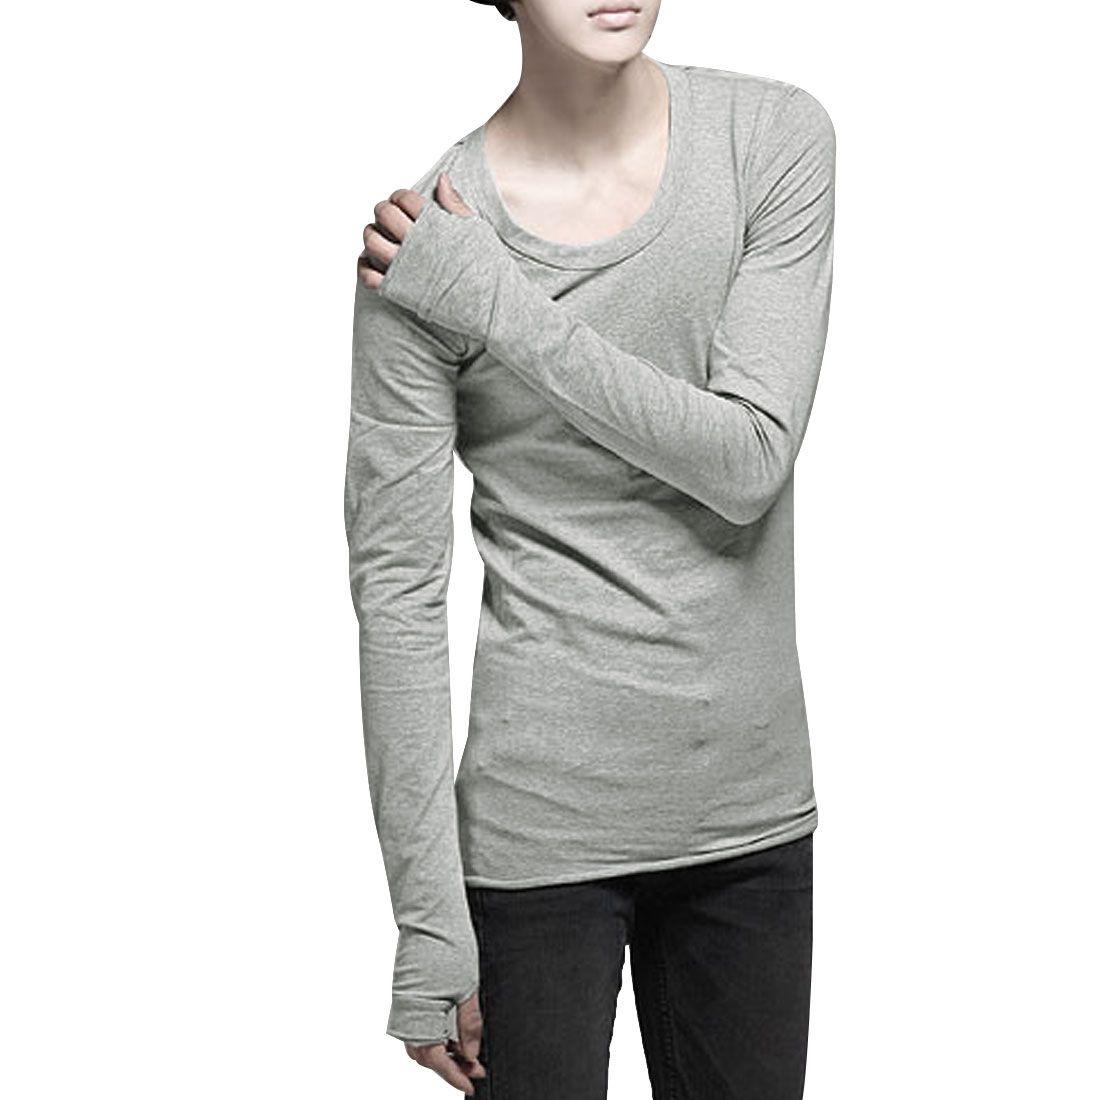 Long sleeved scoop neck shirt with thumb holes men - Google zoeken ...